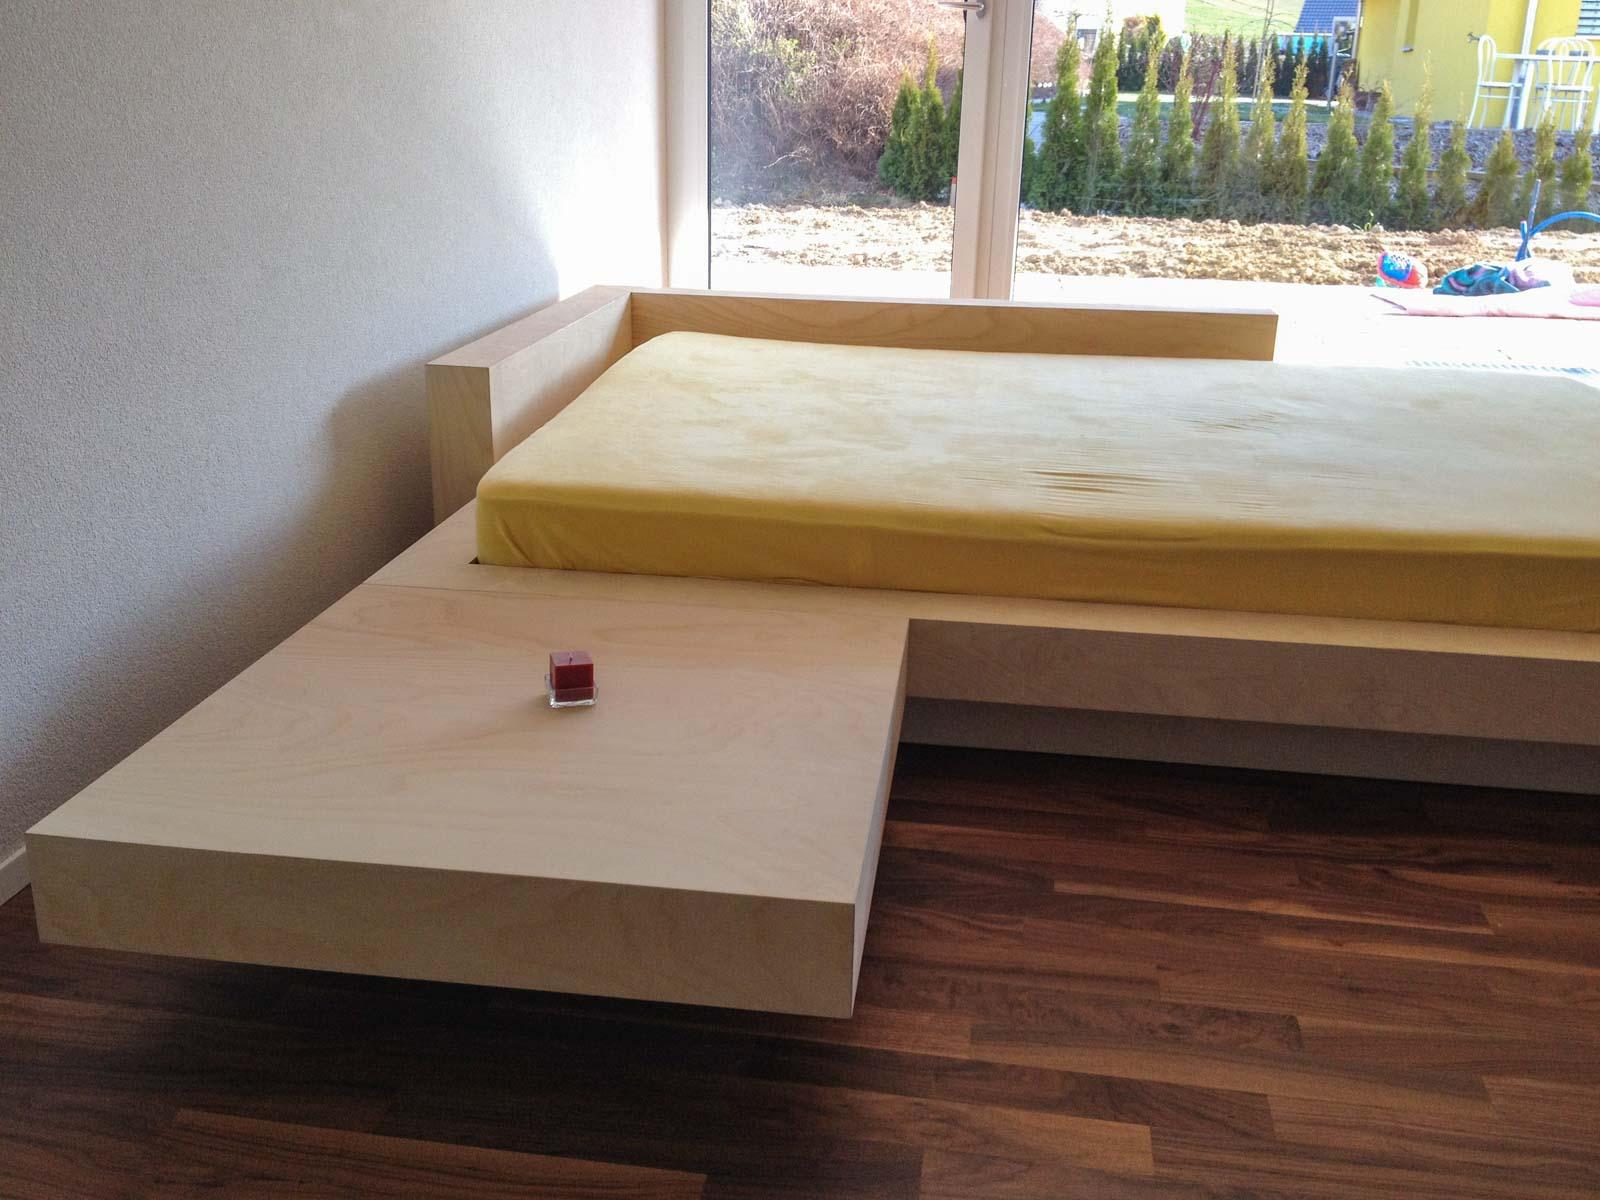 Wooddesign_Bett_Trinatura_modern_Jugendbett_Birken Multiplex (3)